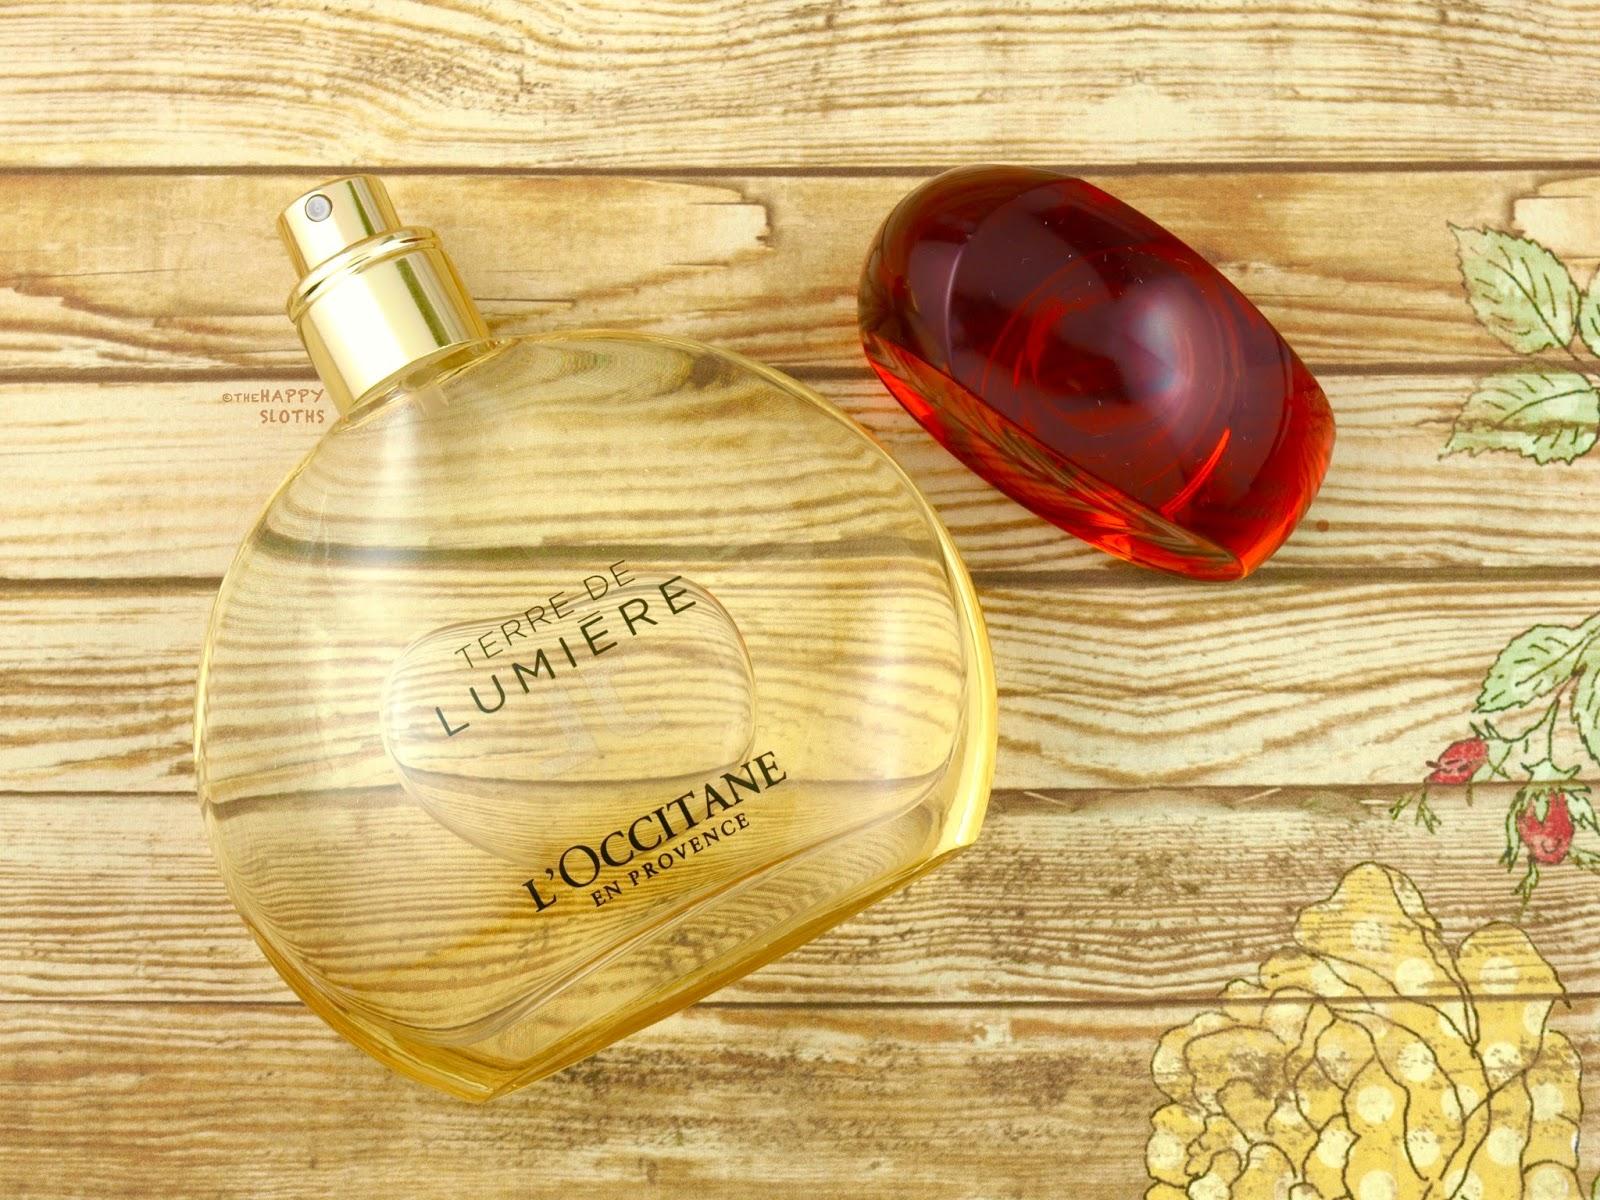 L'Occitane Terre de Lumiere Eau de Parfum: Review